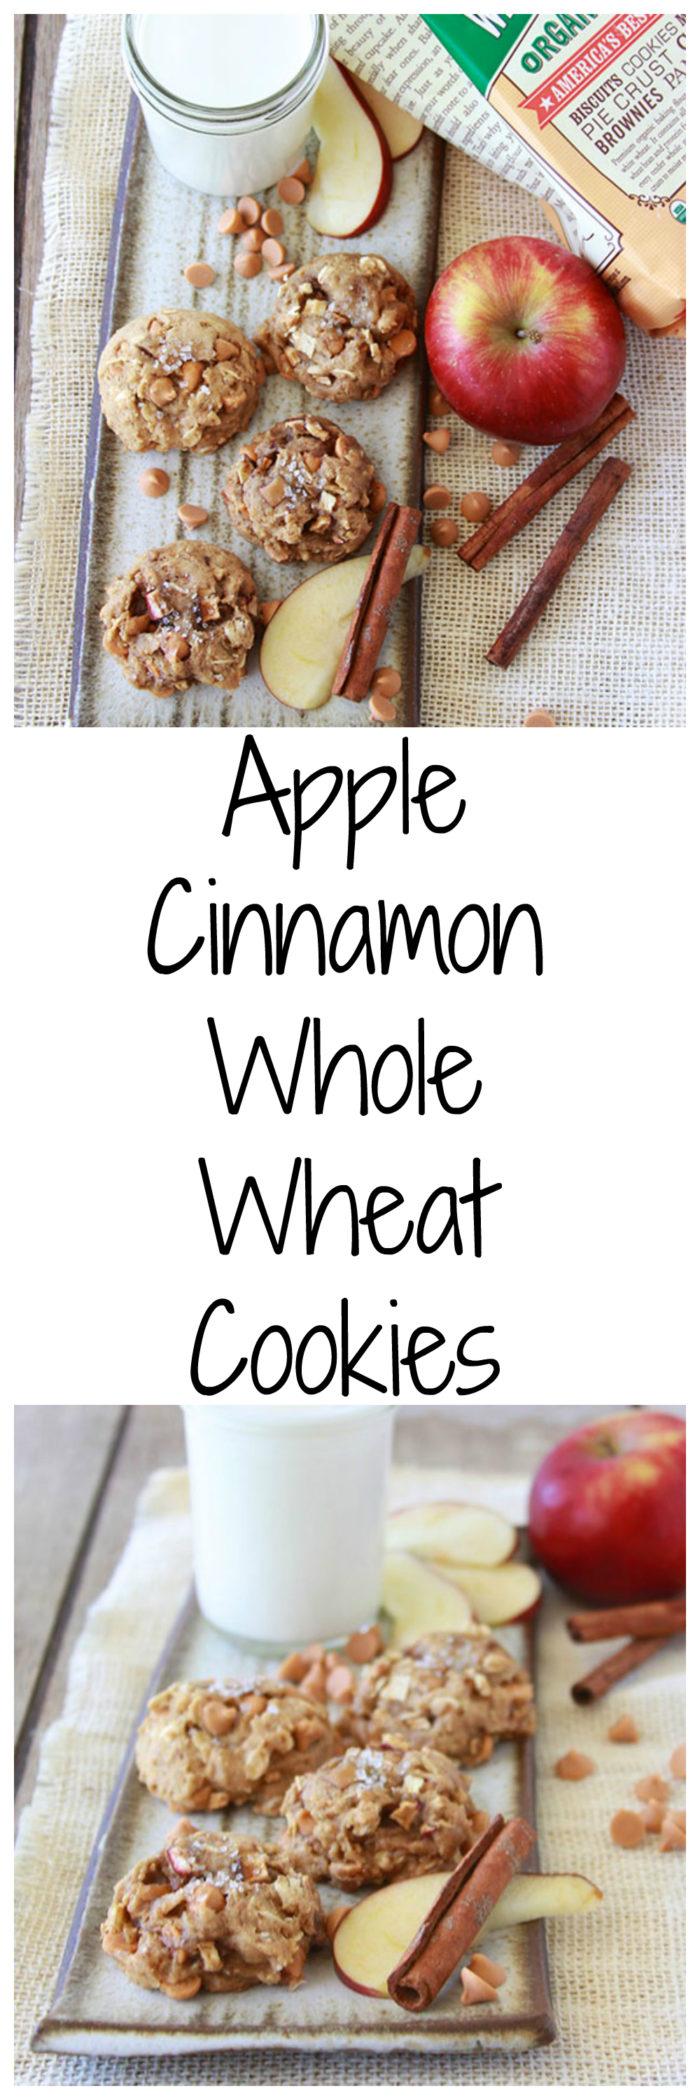 Apple Cinnamon Whole Wheat Cookies